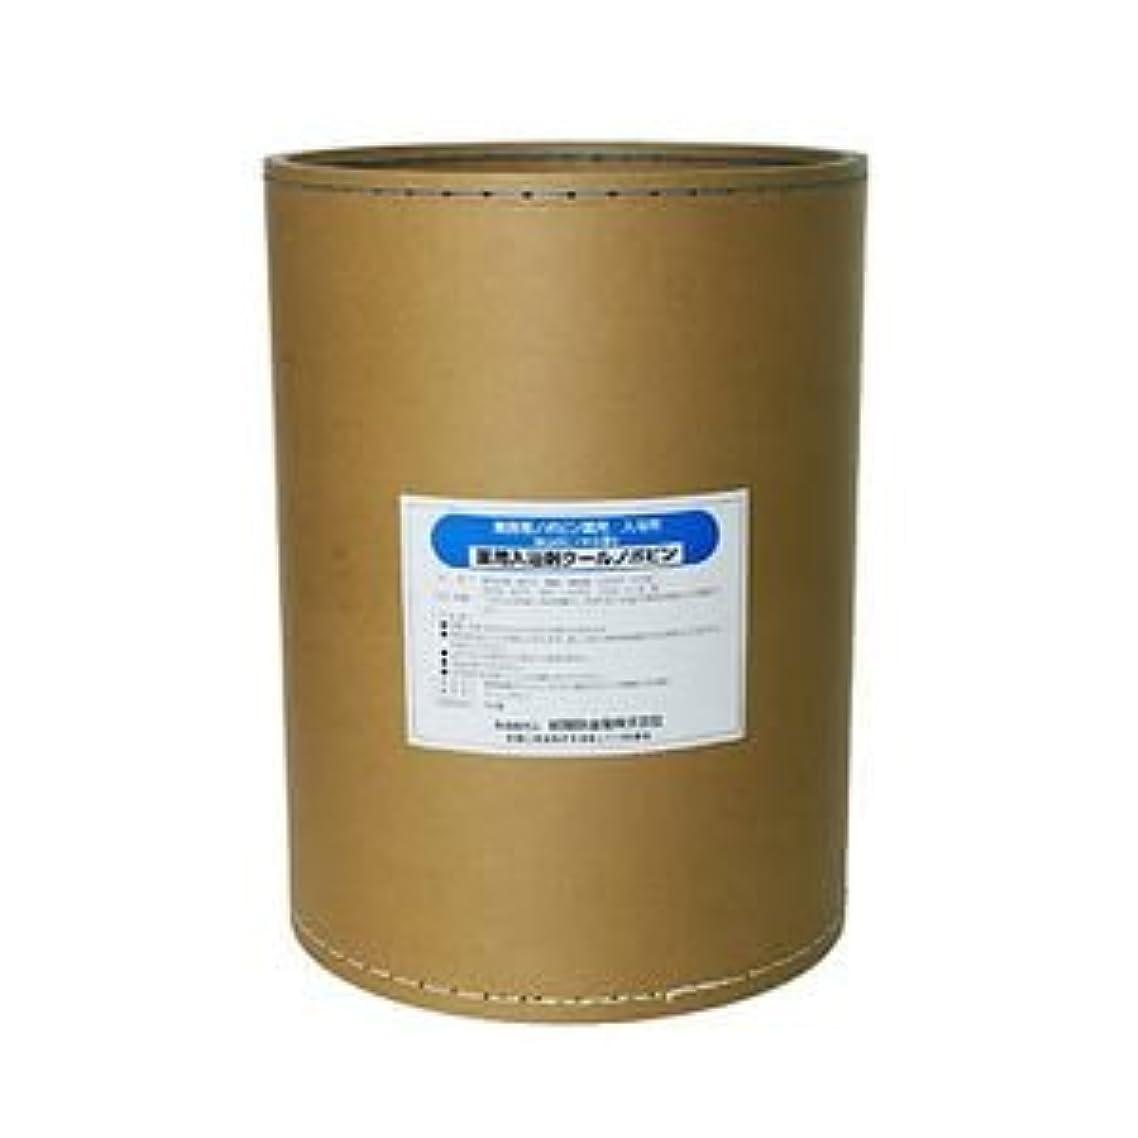 インレイ泥沼メディア業務用入浴剤 クールノボピン 18kg